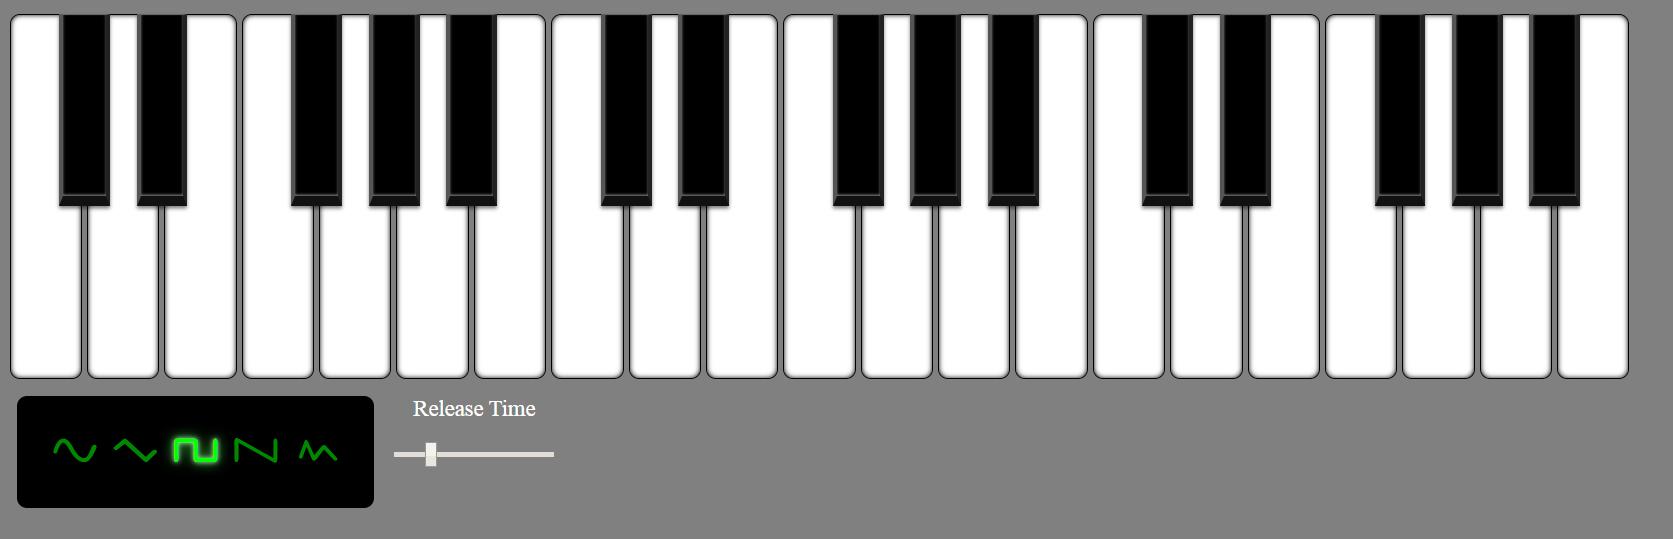 برنامه پیانو ساده در jQuery - jsRapPiano برای سایت